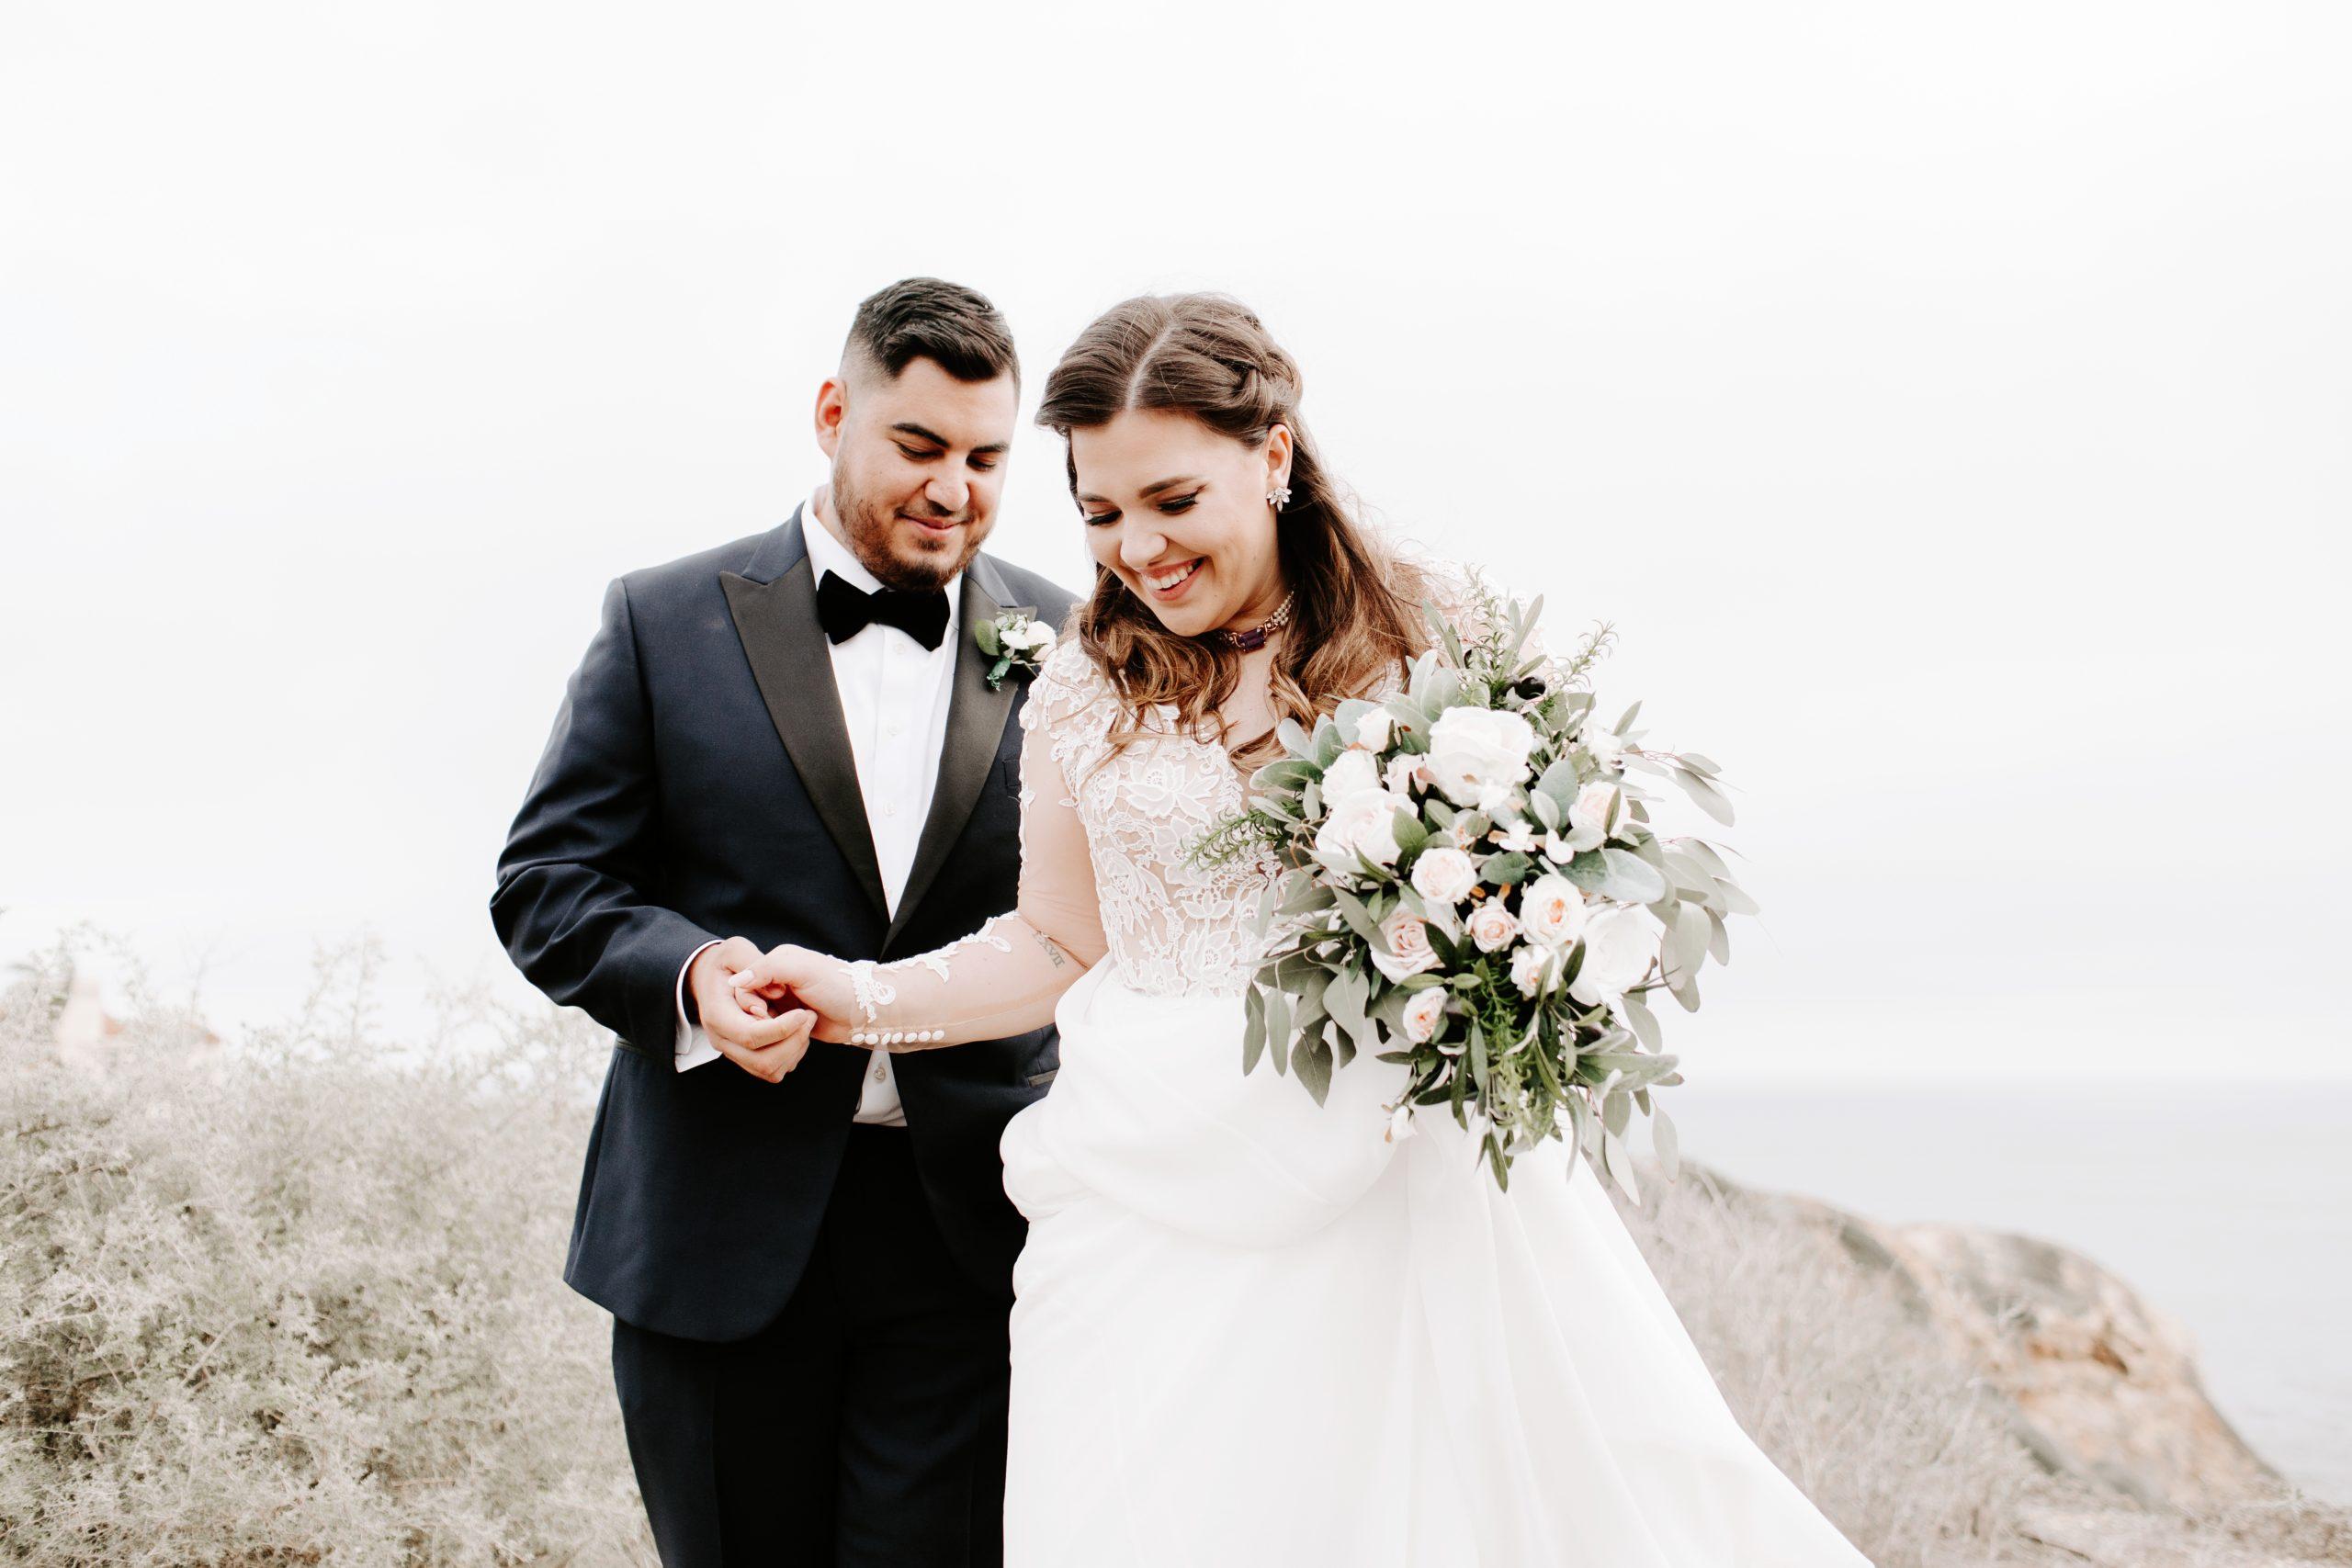 Bride and Groom at Palos Verdes Wedding